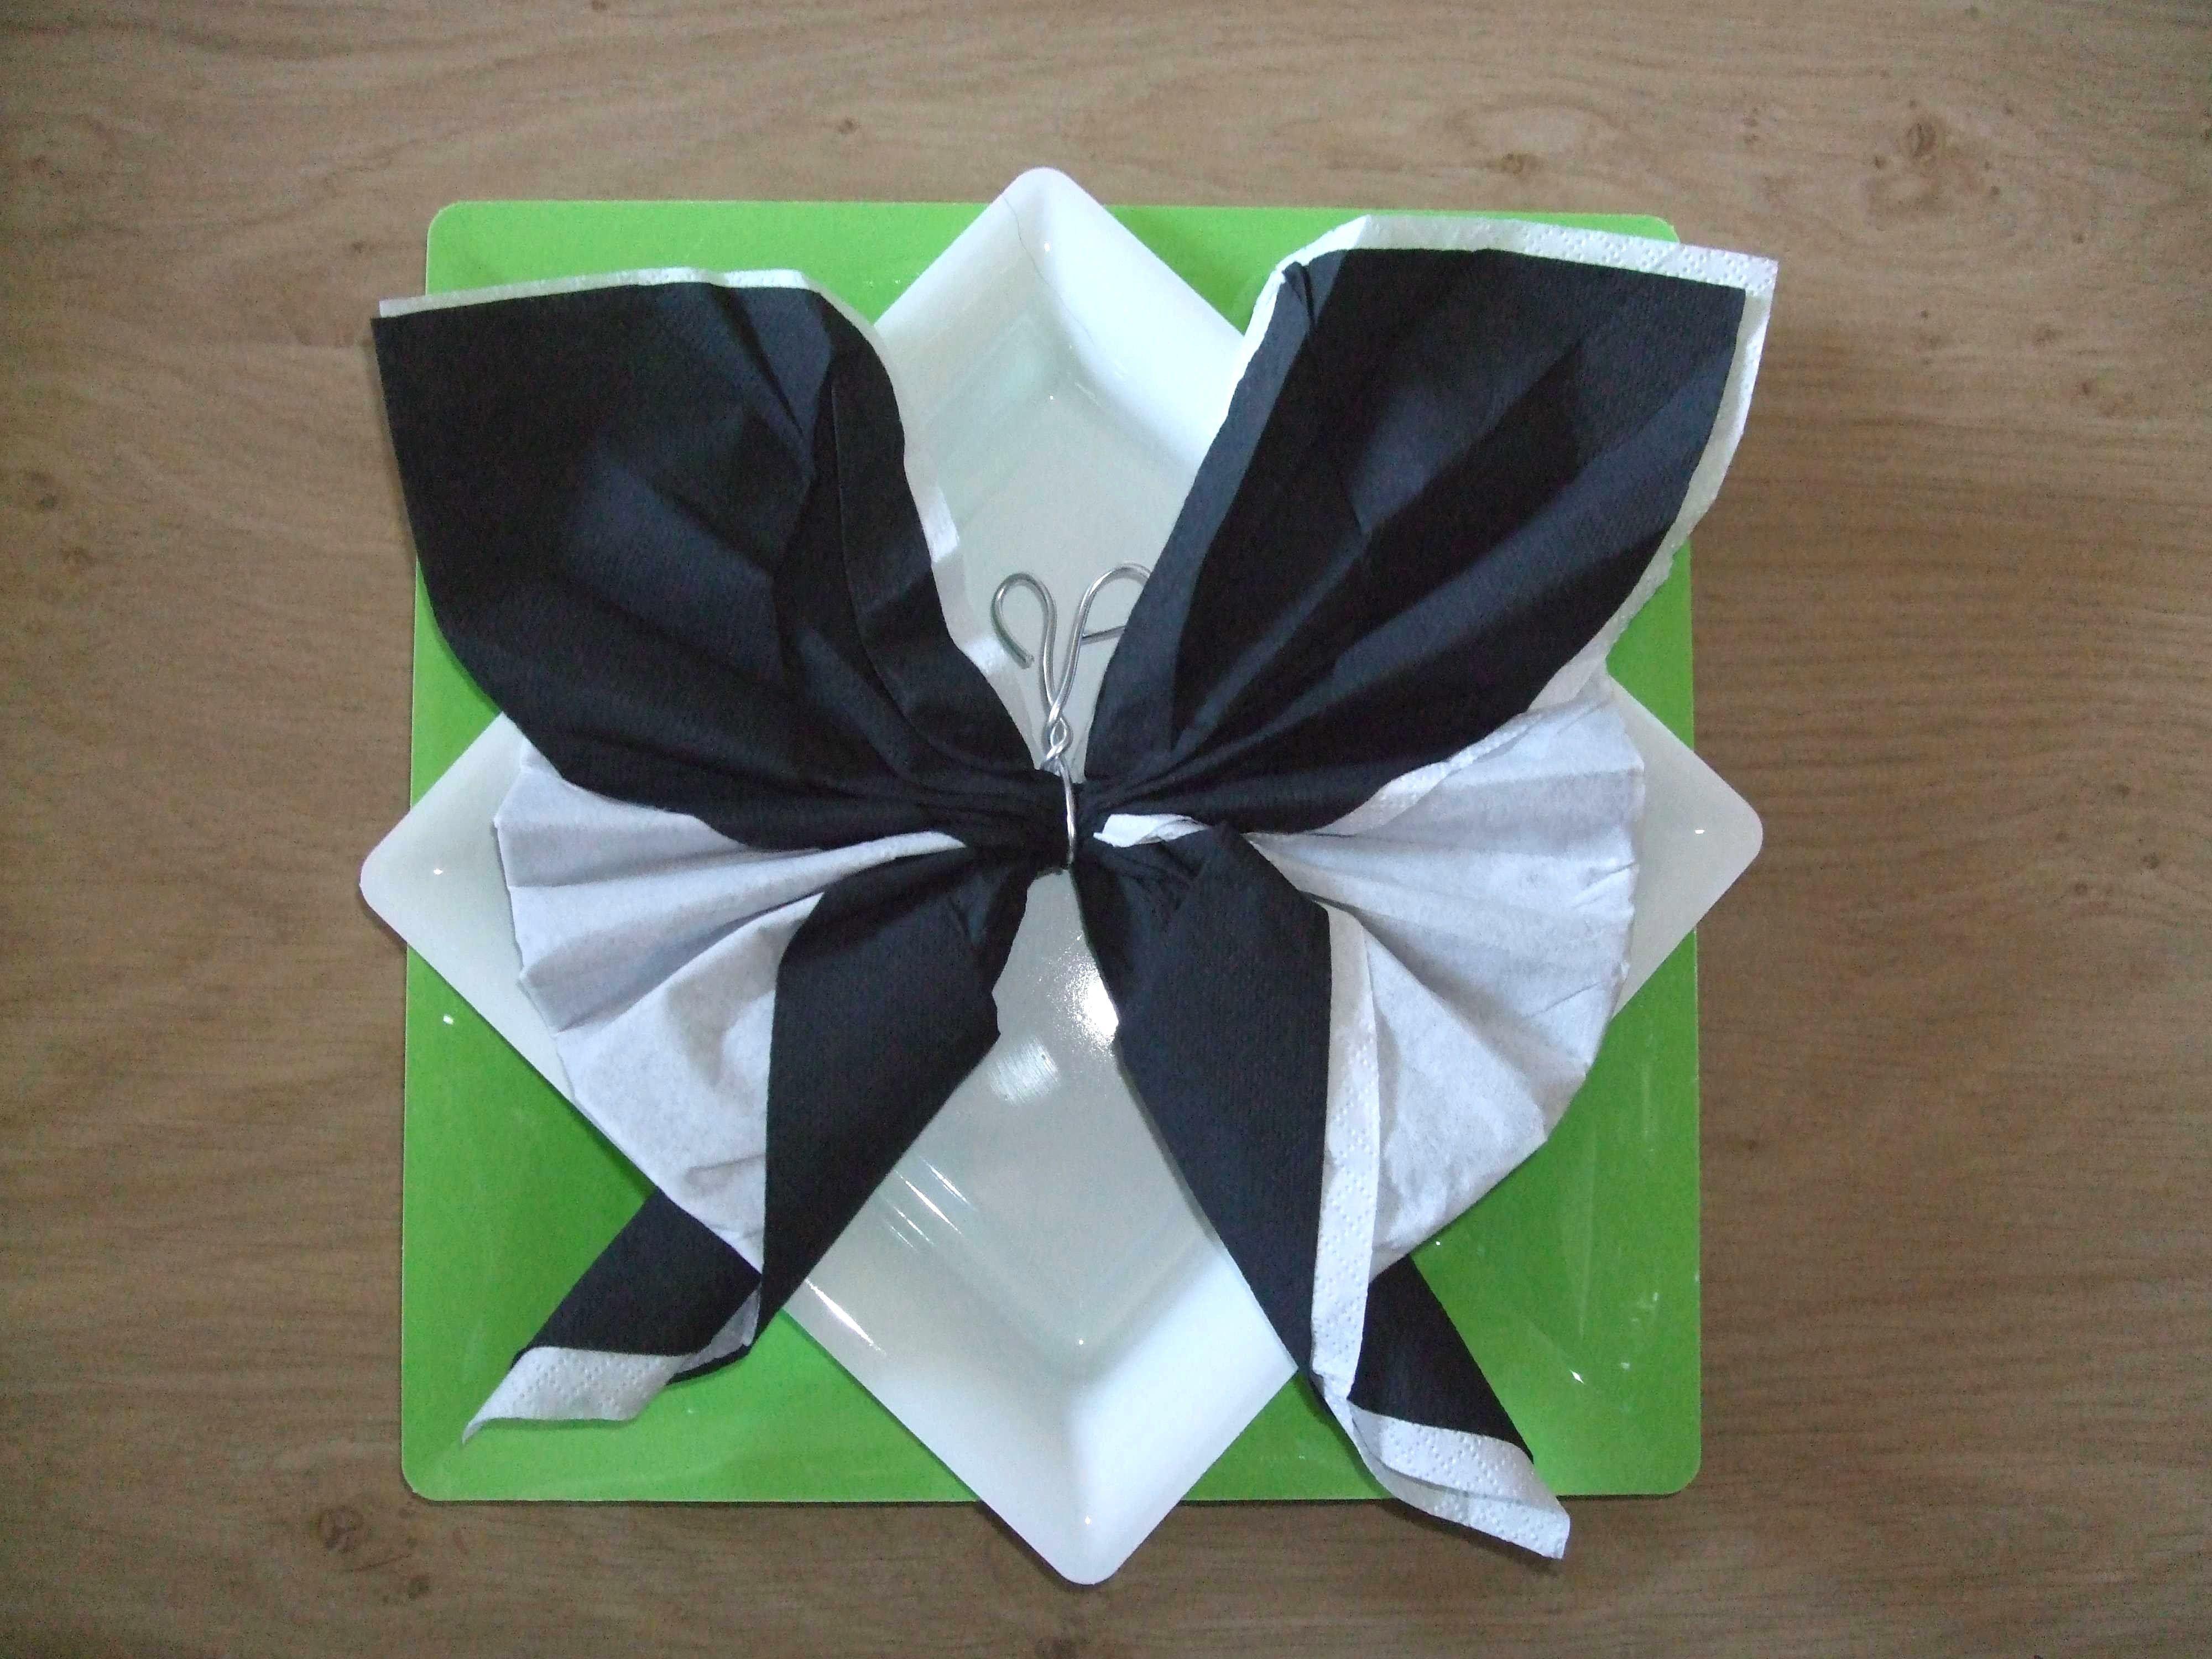 Epingle Par Jelly Boom Sur Theme Nature Nouvel An En 2020 Pliage Serviette Papillon Pliage Serviette Pliage Serviette Papier